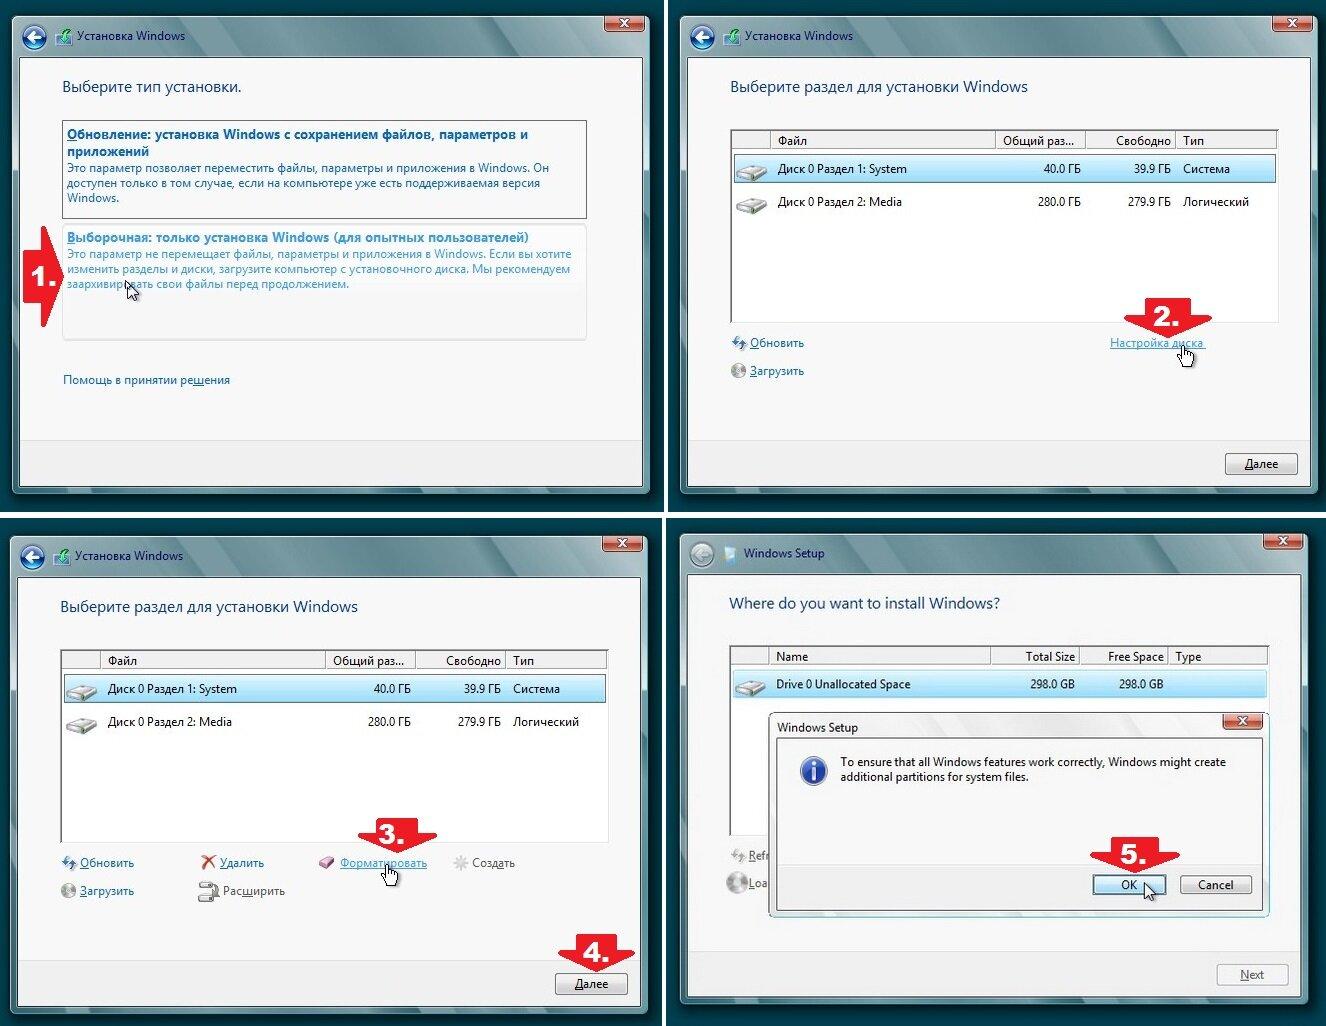 Создание образа операционной системы и его хранение 927